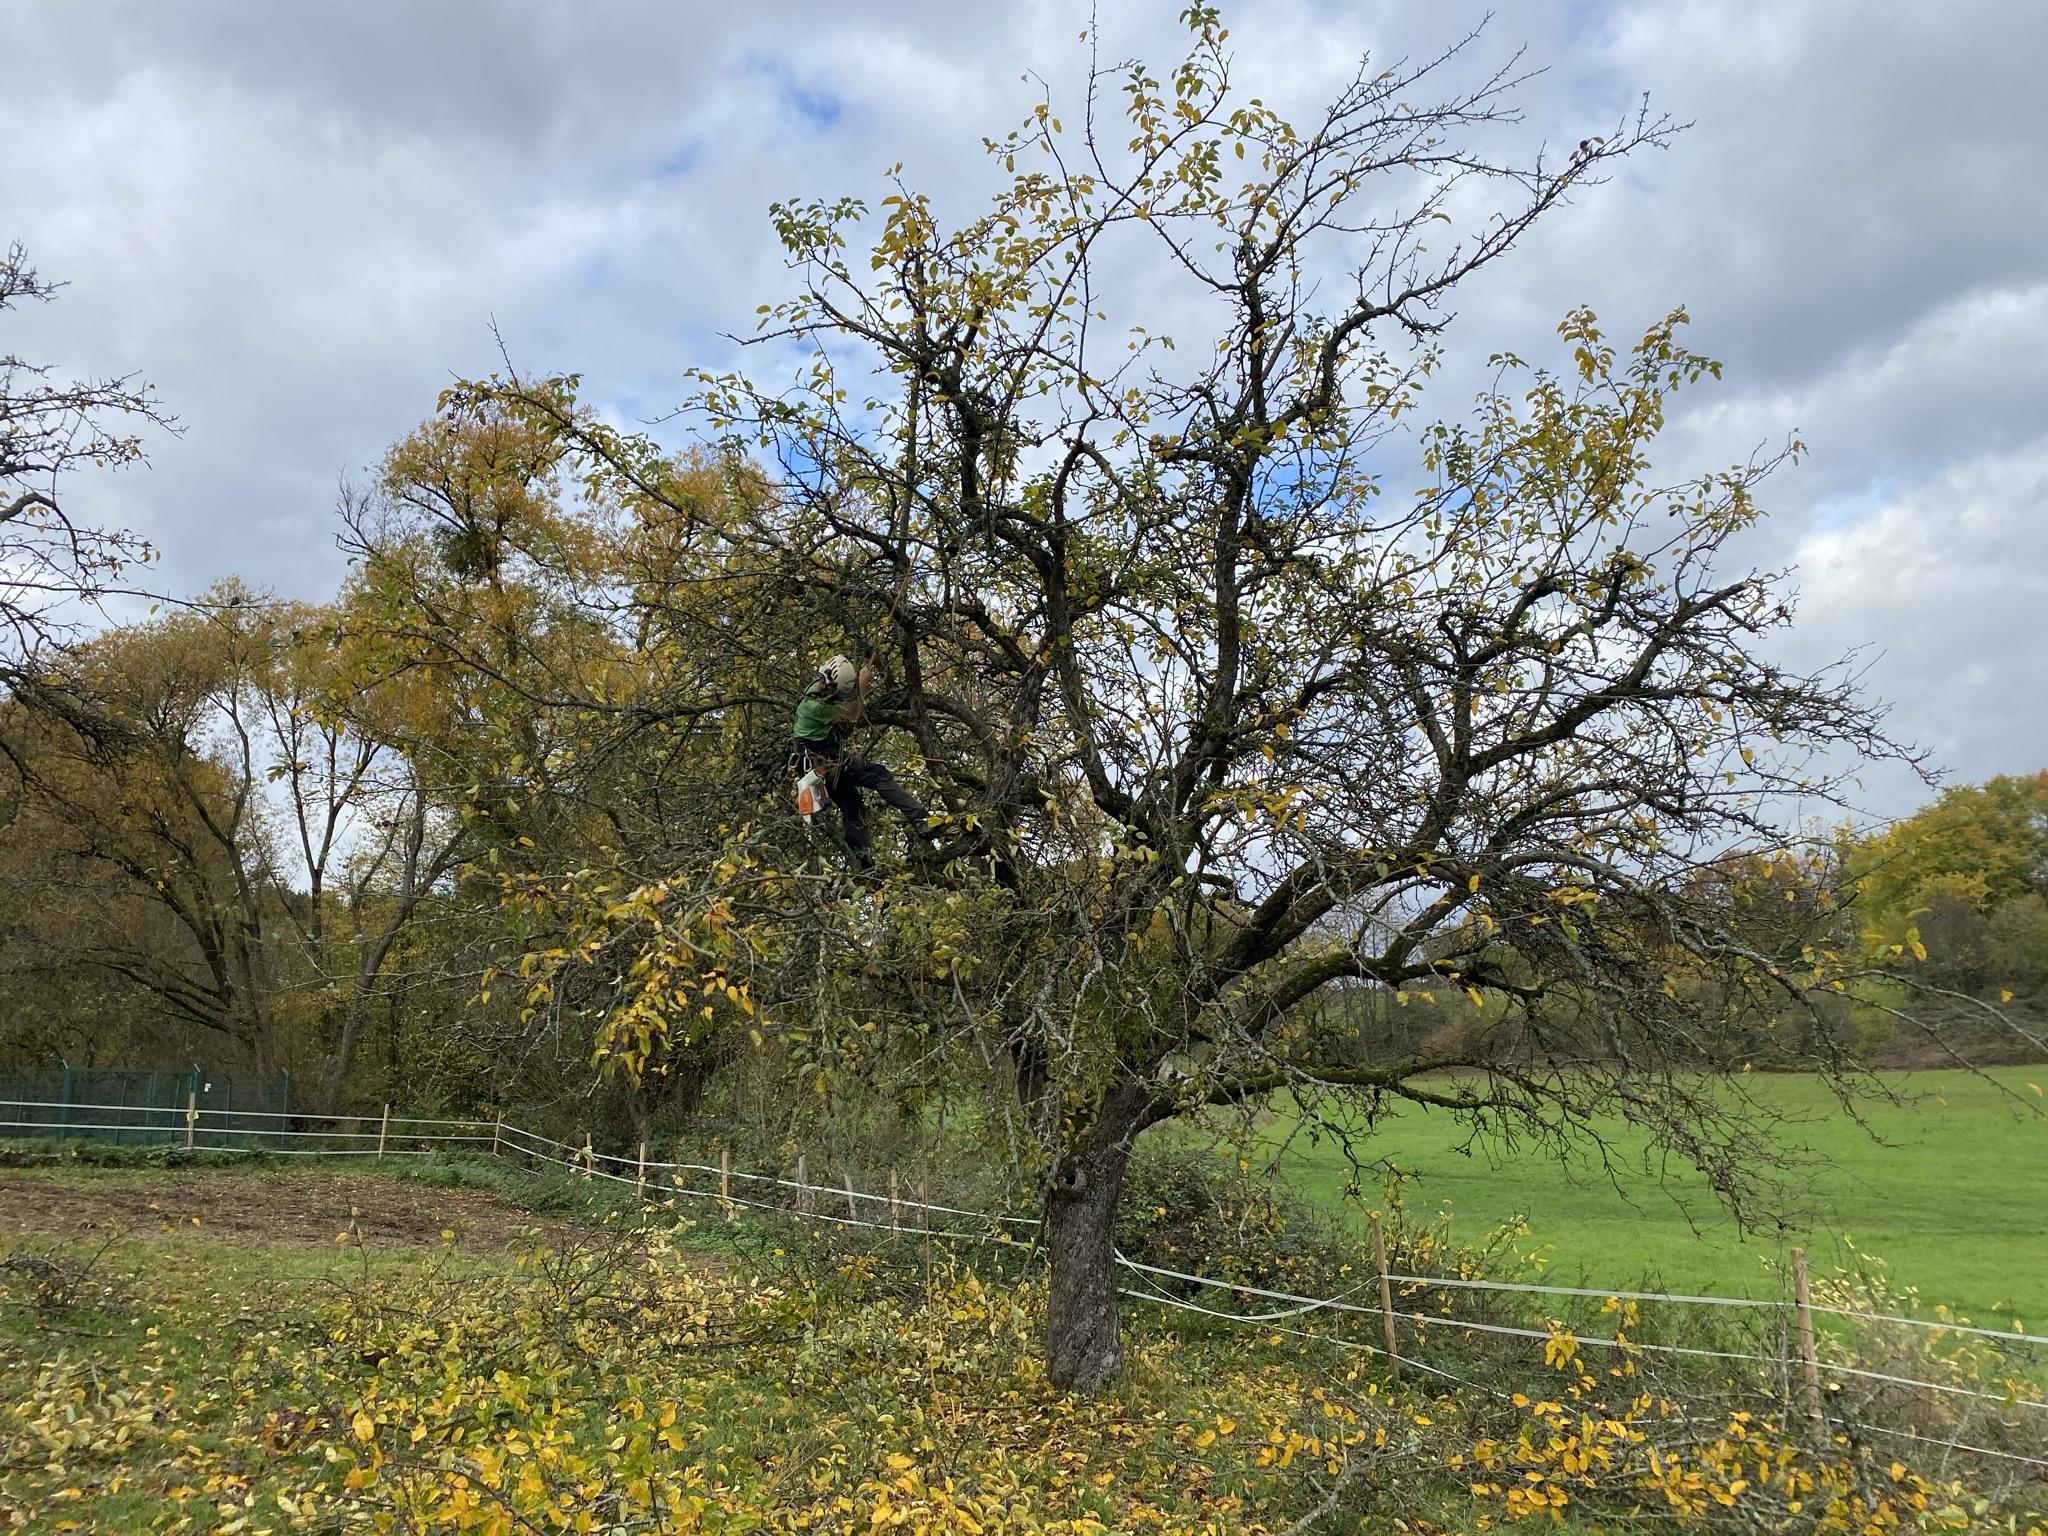 Baum mit Mistelbefall